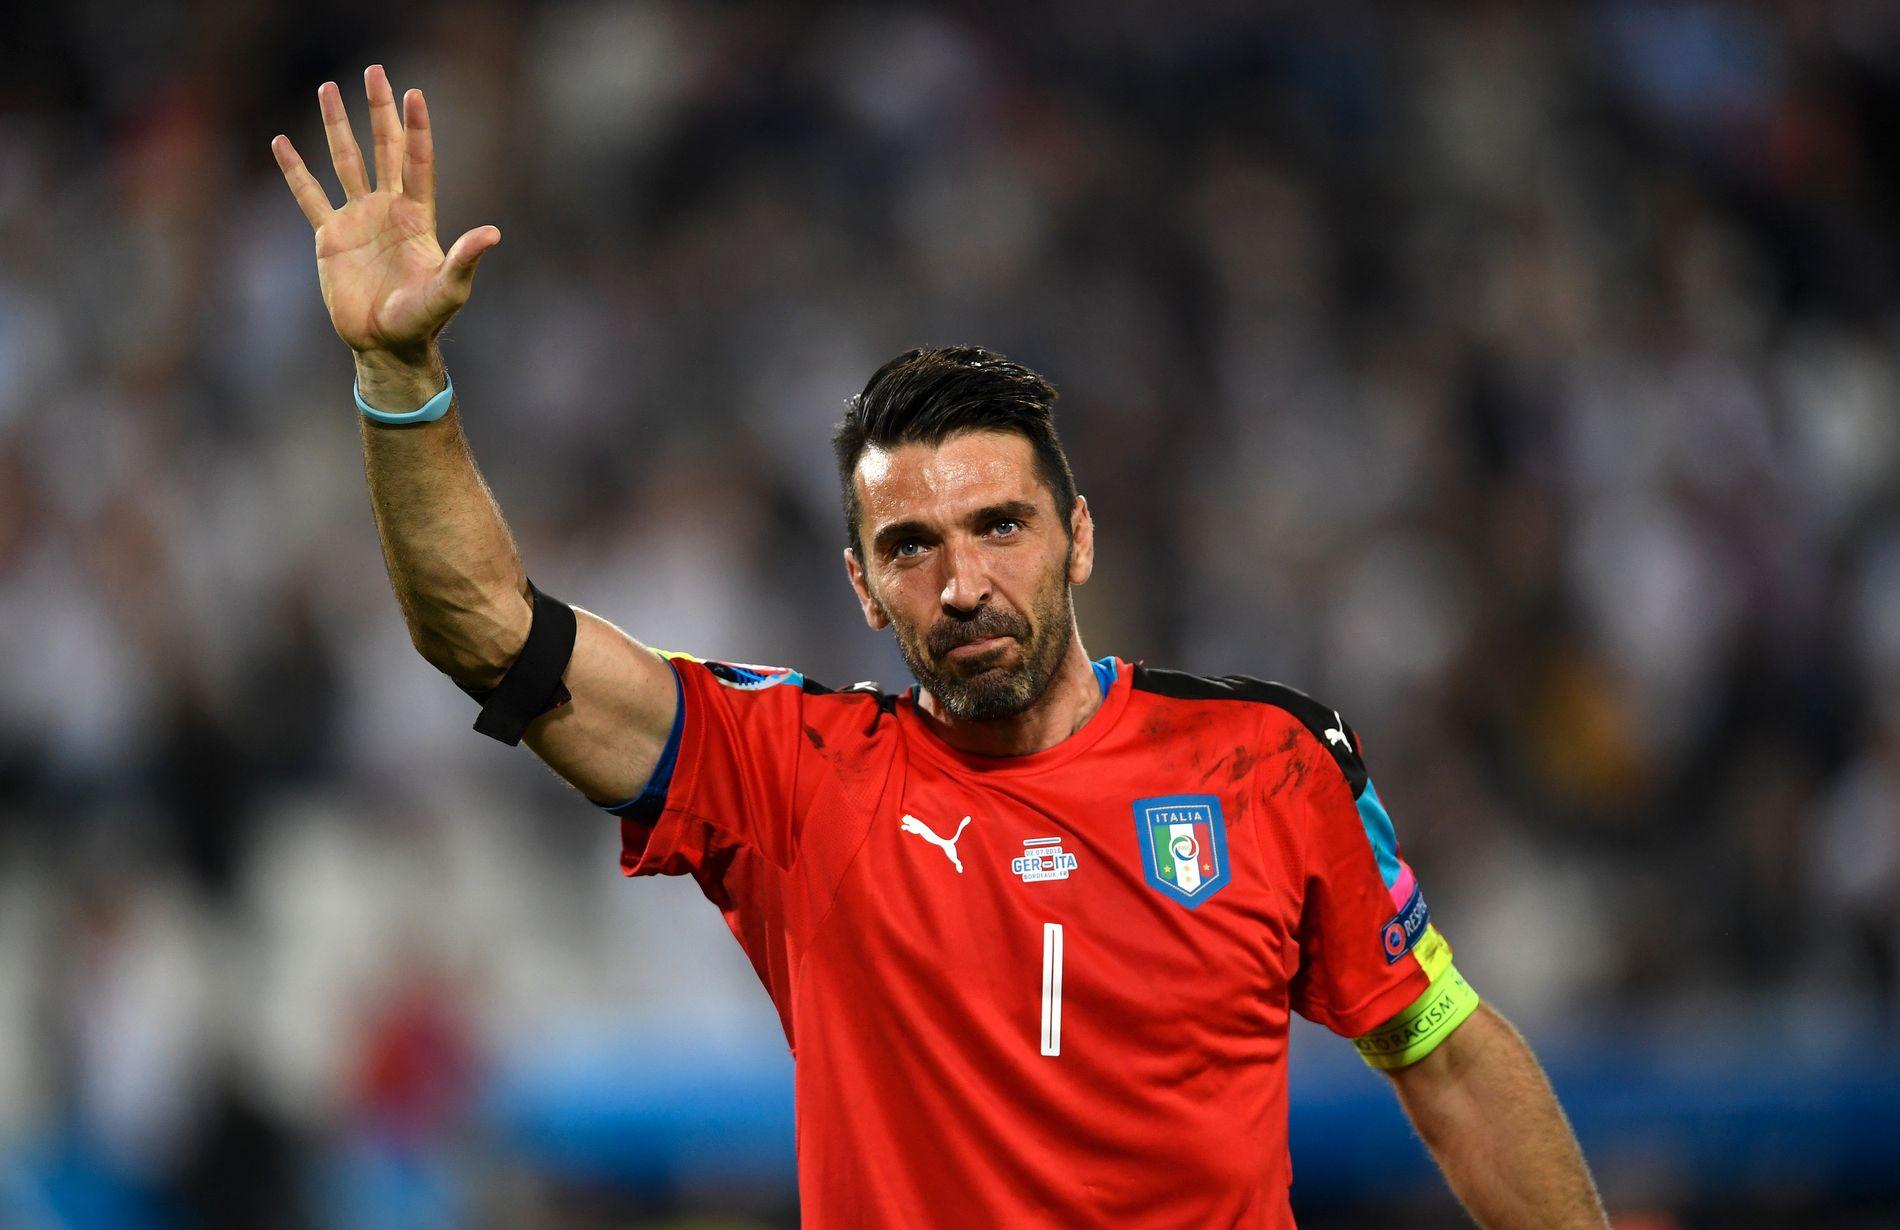 ENDTE EM I TÅRER: Italia-keeper Gianluigi Buffon takker tårevått for seg etter kvartfinale-exit på straffer mot Tyskland i sommerens EM.